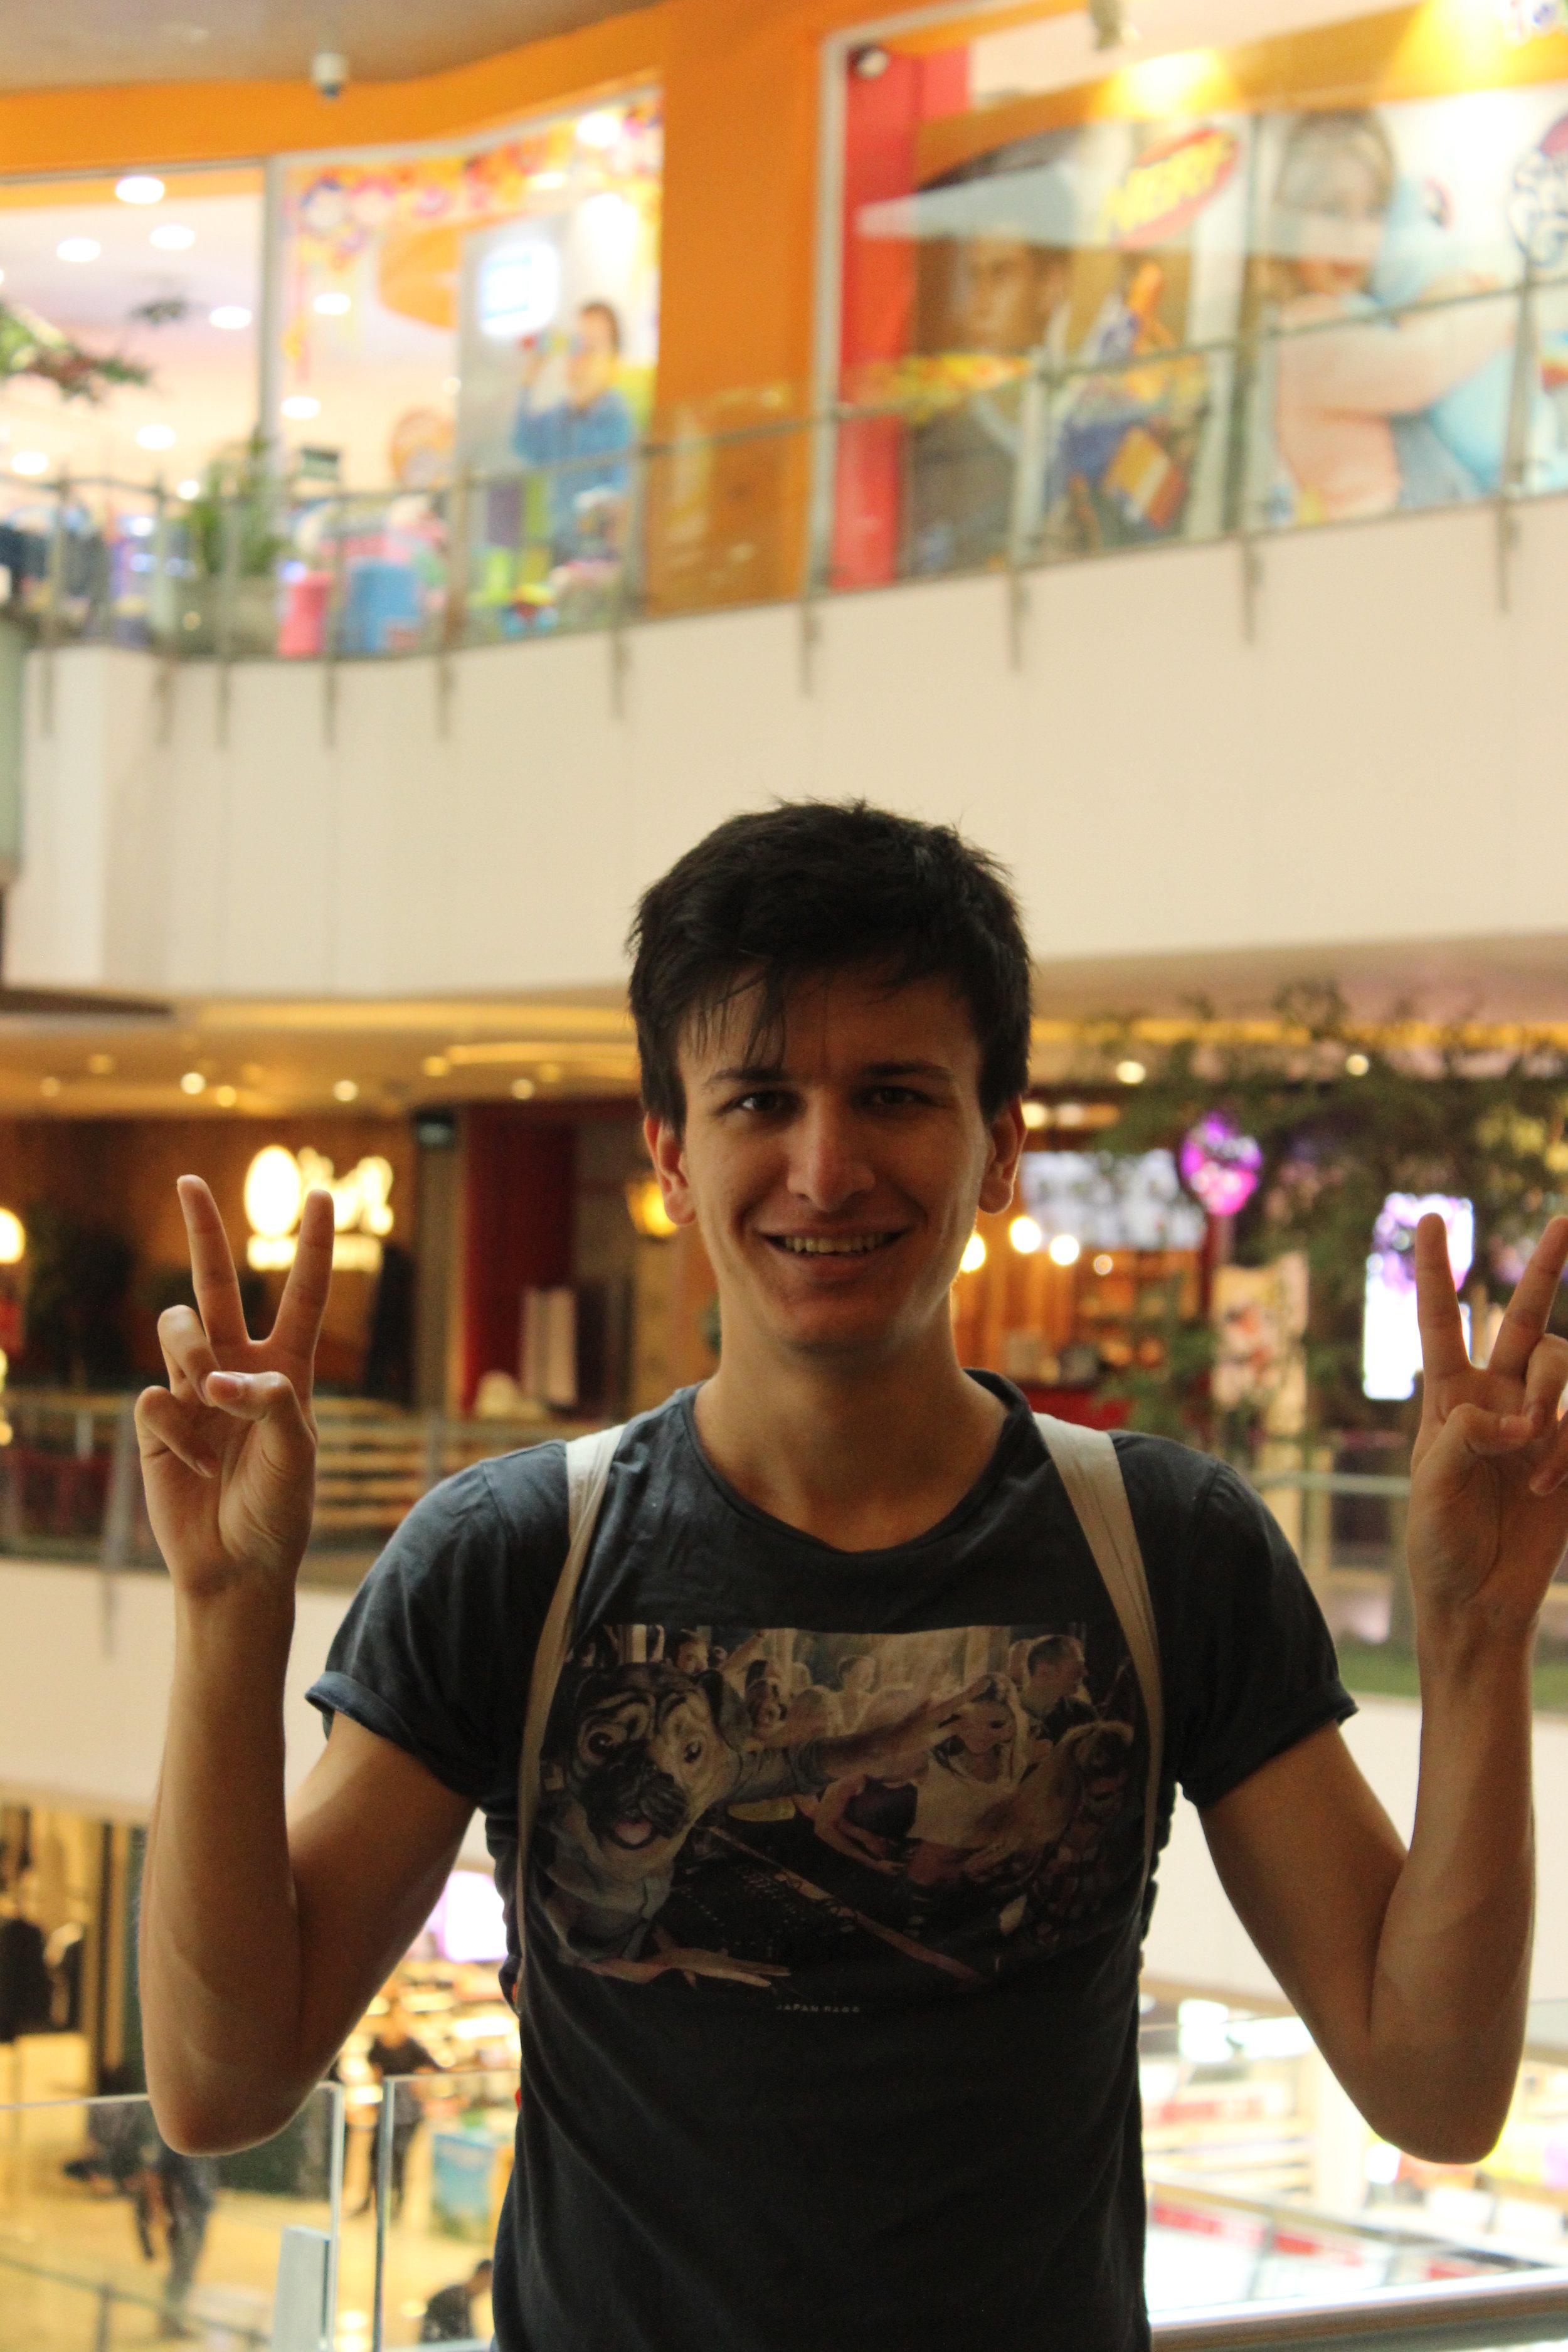 Rohan - A vrai dire, vous devez sûrement vous demandez qui est donc ce beau jeune homme. Ça c'est Rohan, notre saxophone ténor. Musicien émérite, il saura vous montrer les joies de la photographie argentique et des films bollywood. Il sait également très bien faire du hula hoop si vous lui demandez.Dessert Préféré : Lassi à la roseAnimal Totem : Sambar d'Inde